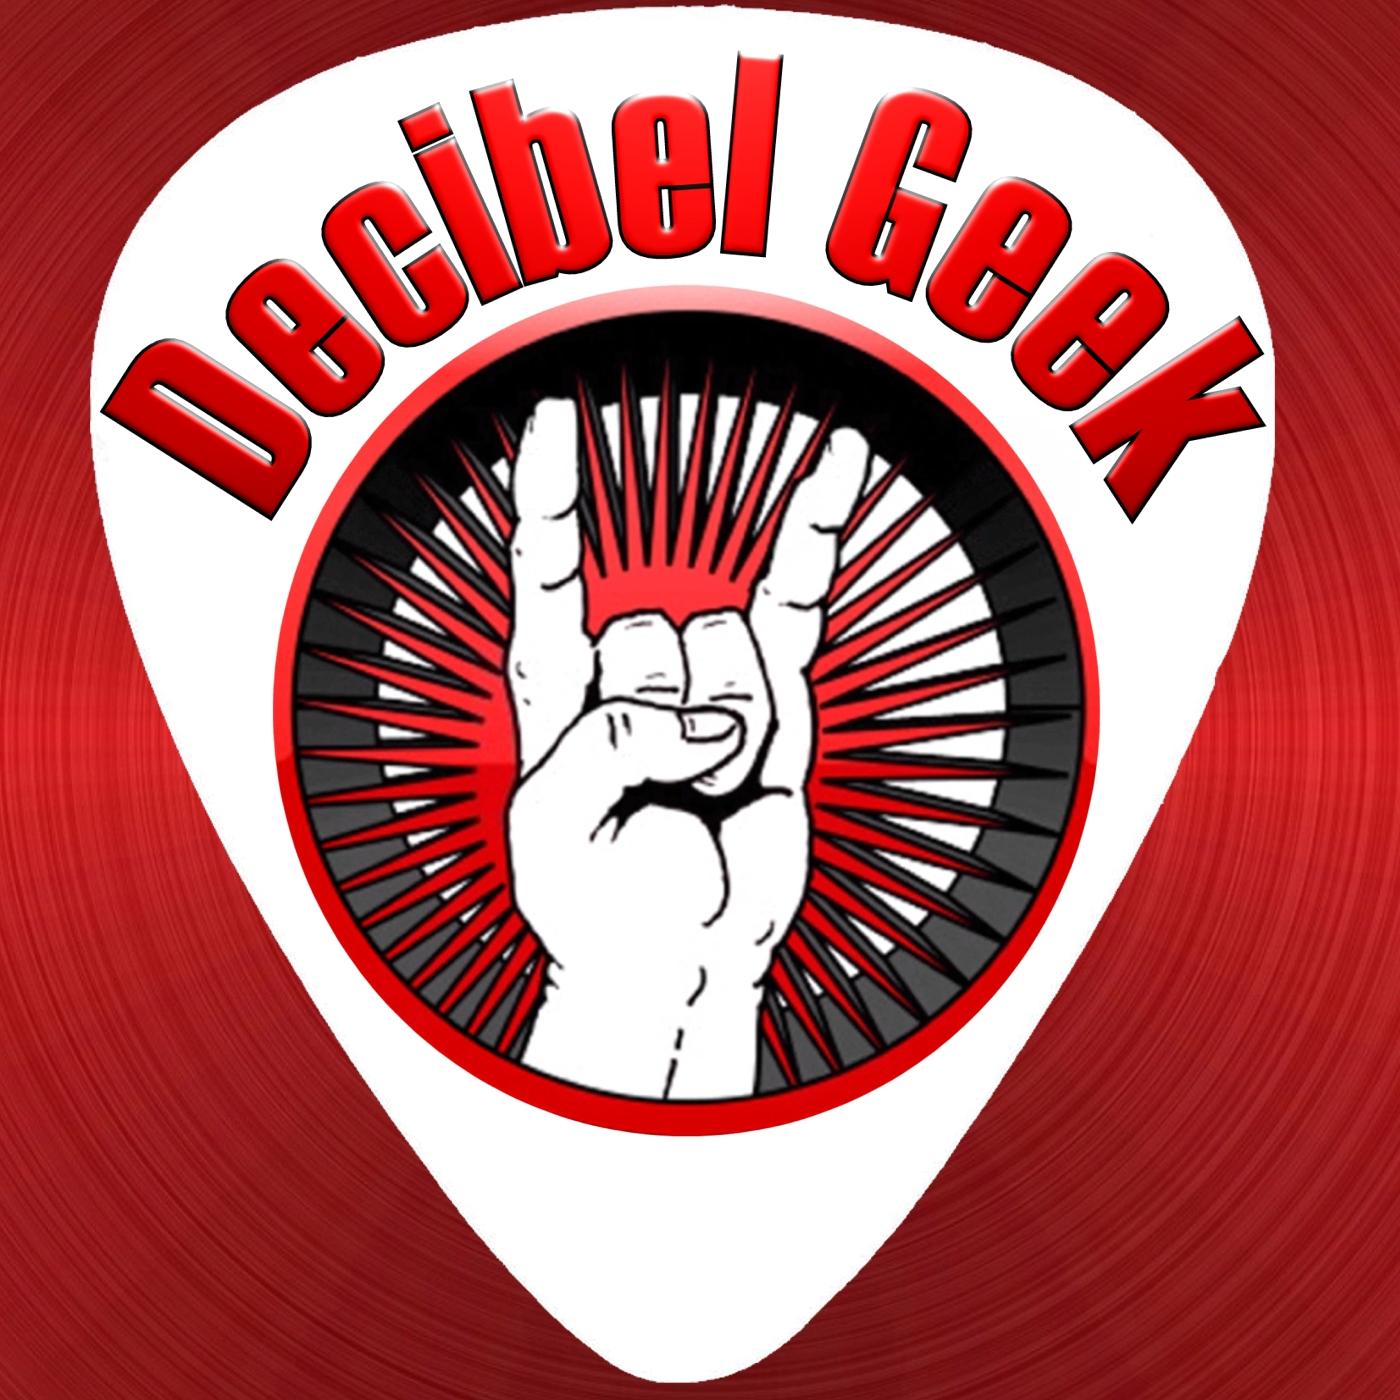 Decibel Geek Podcast logo